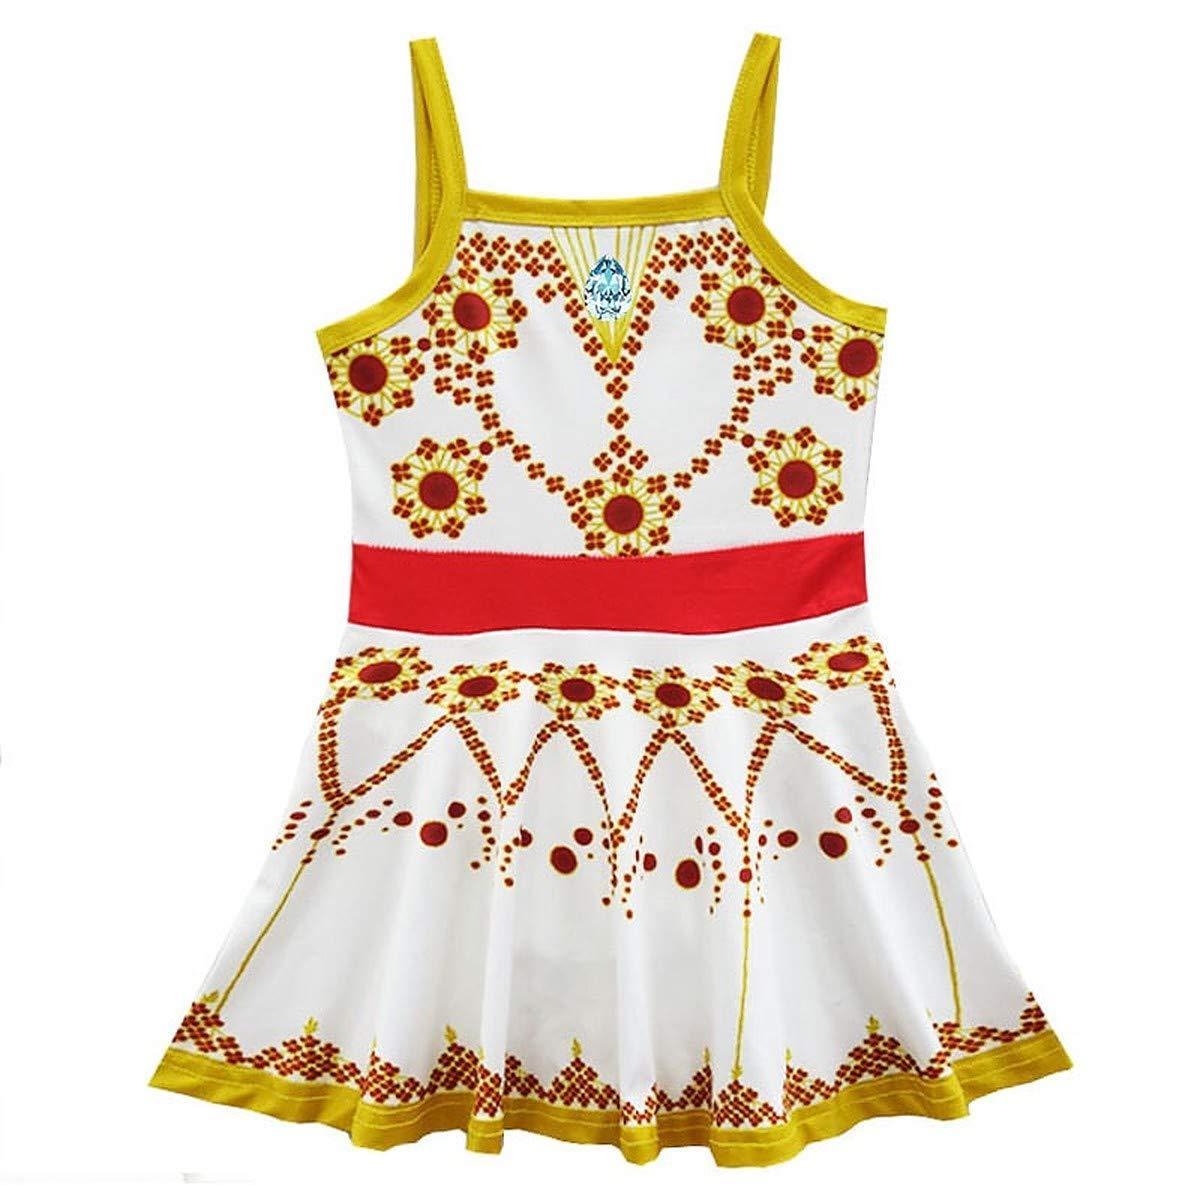 AmzBarley Vestito F/élicie Costume da Ballerina per Bambina Ragazza Abito Festa Compleanno Partito Carnevale Halloween Cosplay Vestiti